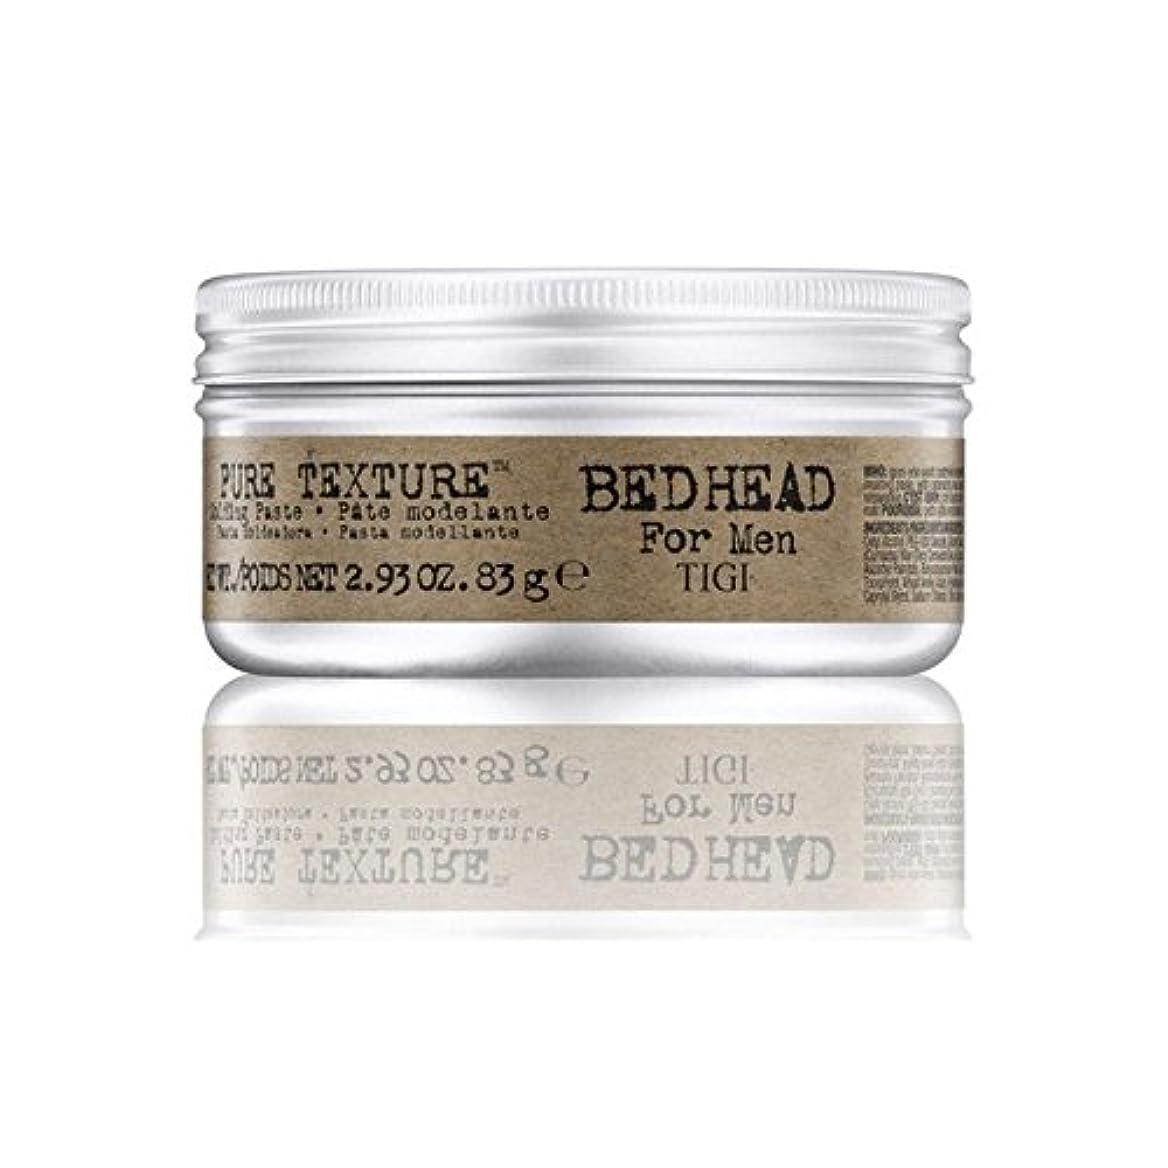 裕福な苦しみドラゴンTigi Bed Head For Men Pure Texture Molding Paste (83G) (Pack of 6) - 男性の純粋なテクスチャーモールディングペースト(83グラム)のためのティジーベッドヘッド...